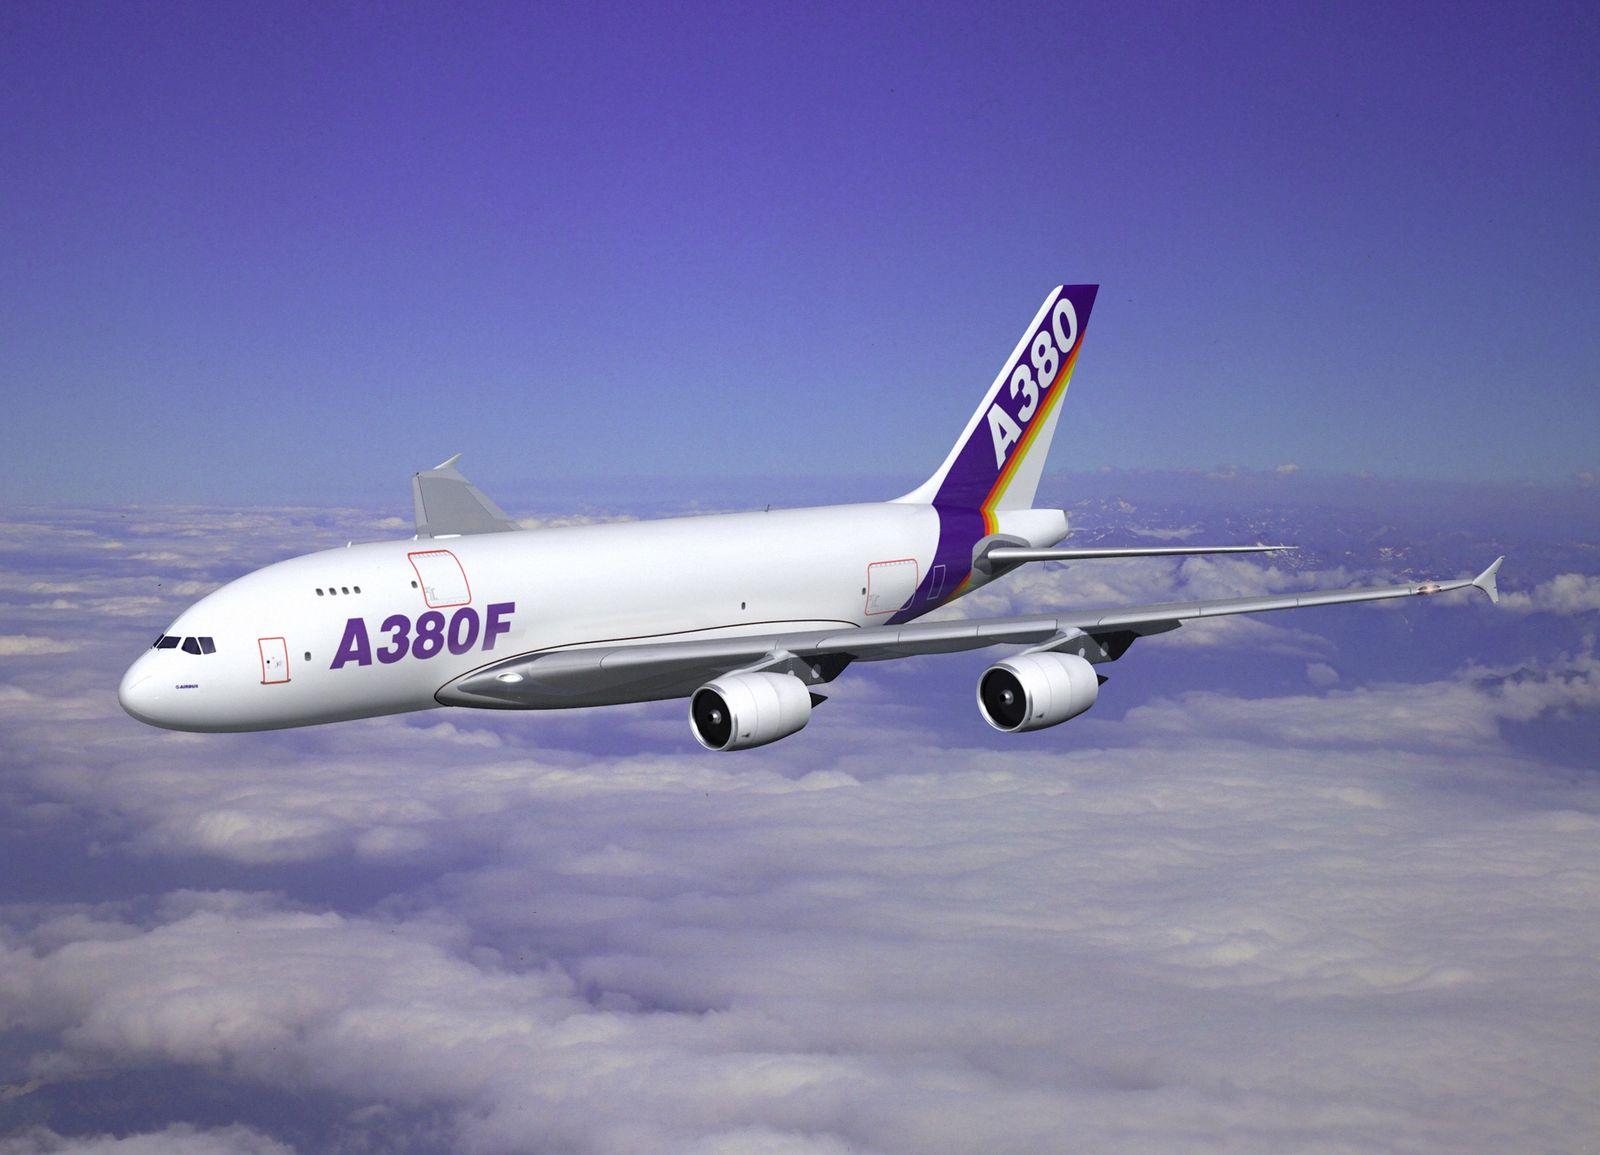 FRANCE-GERMANY-AEROSPACE-COMPANY-AIRBUS-CARGO